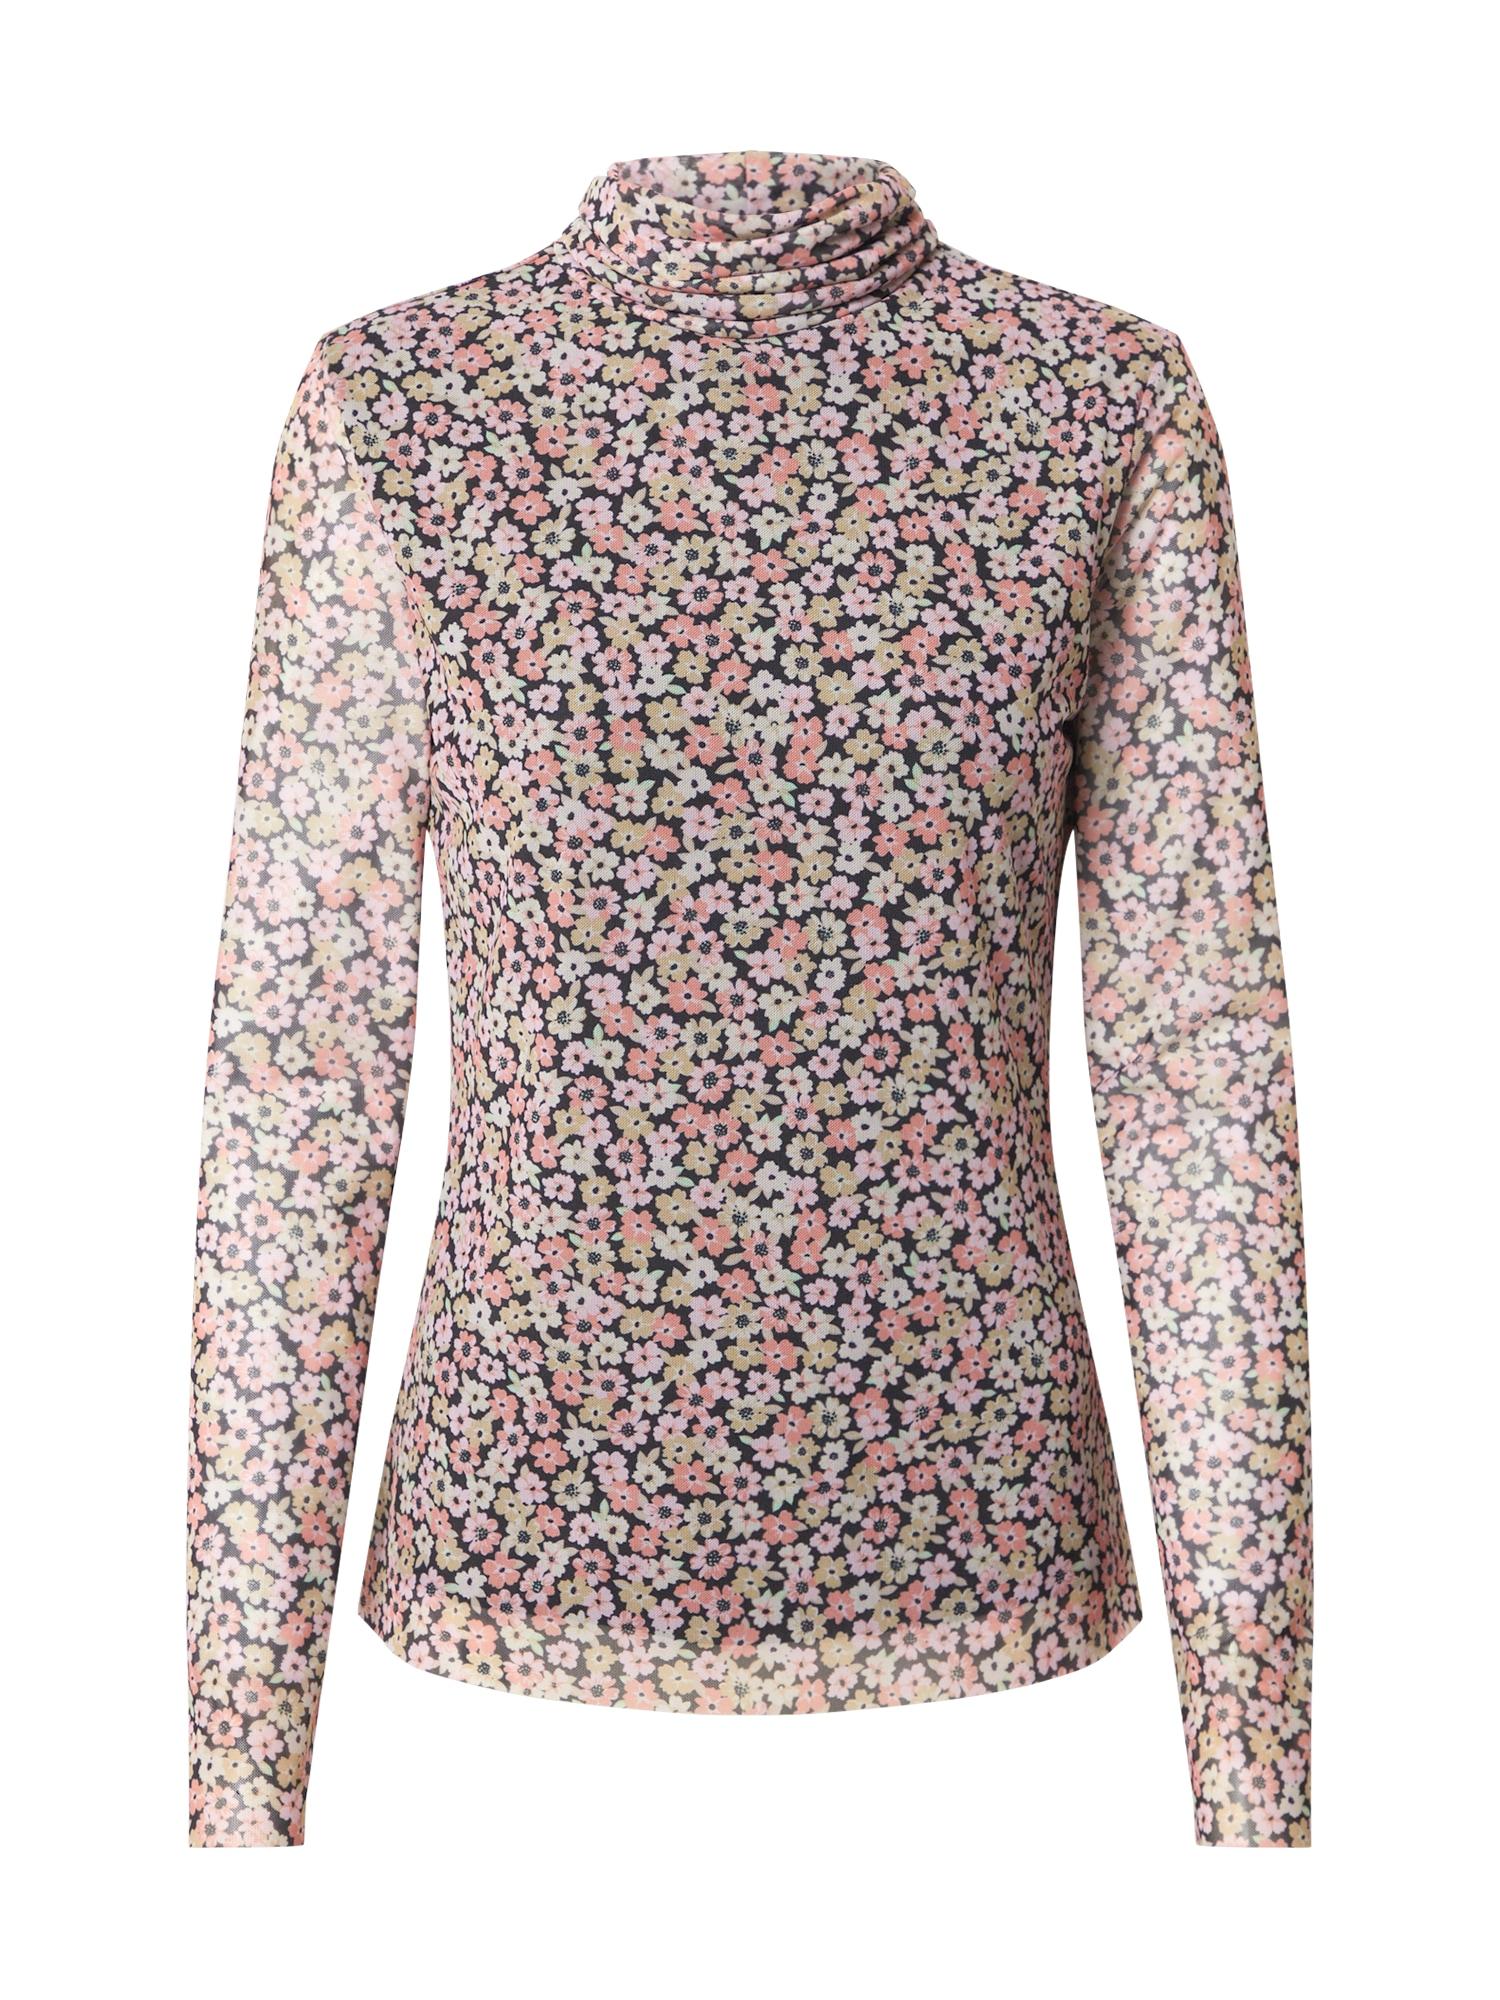 CATWALK JUNKIE Marškinėliai rožinė / juoda / obuolių spalva